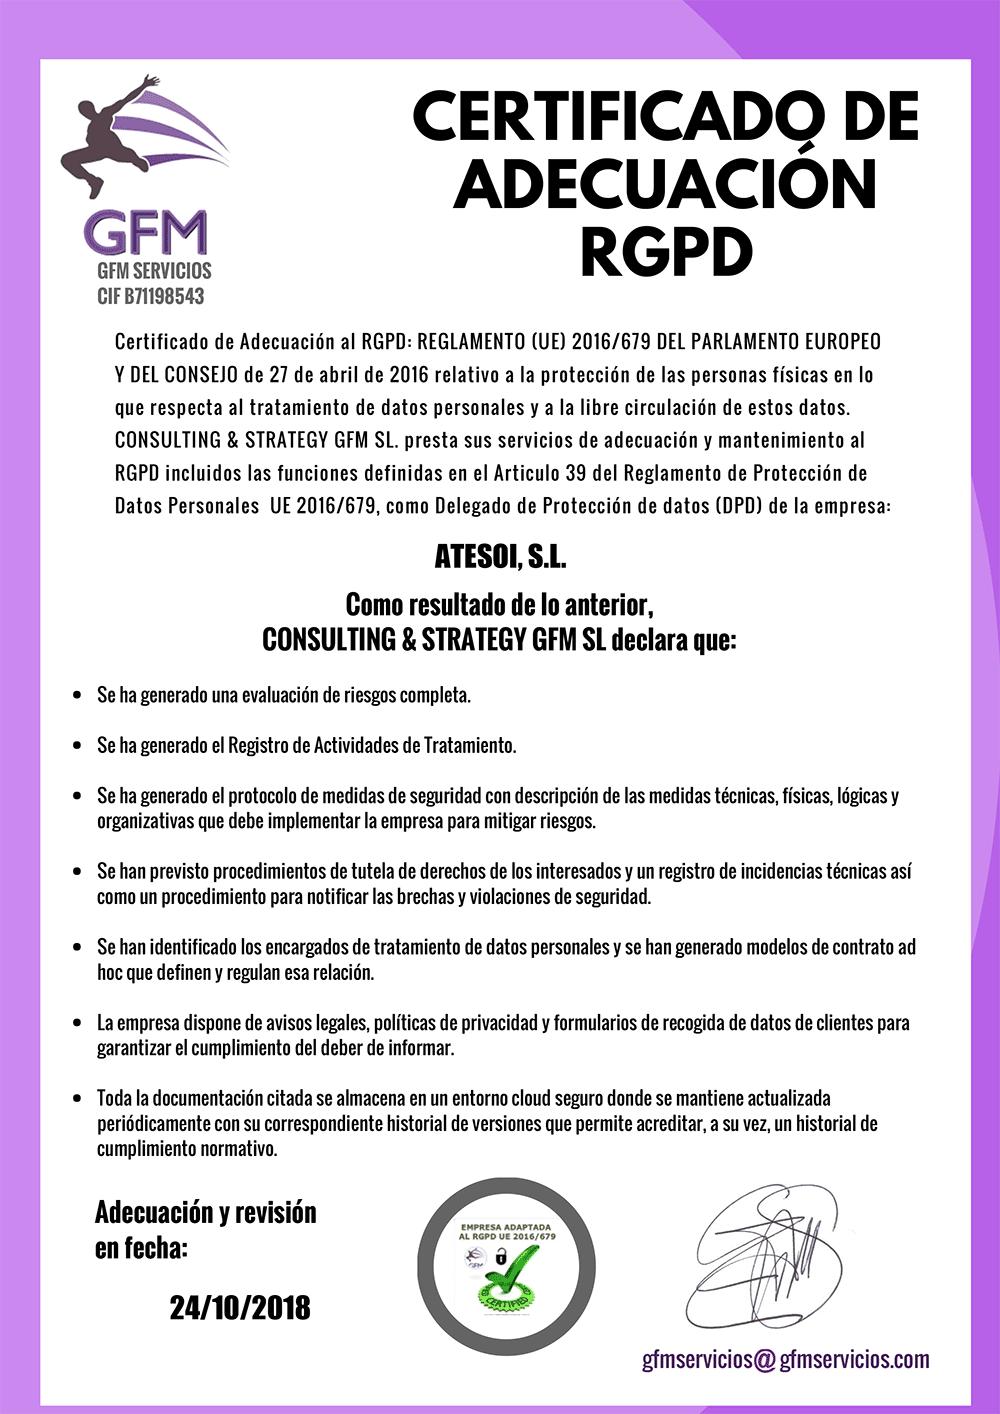 Certificado de adecuación RGPD